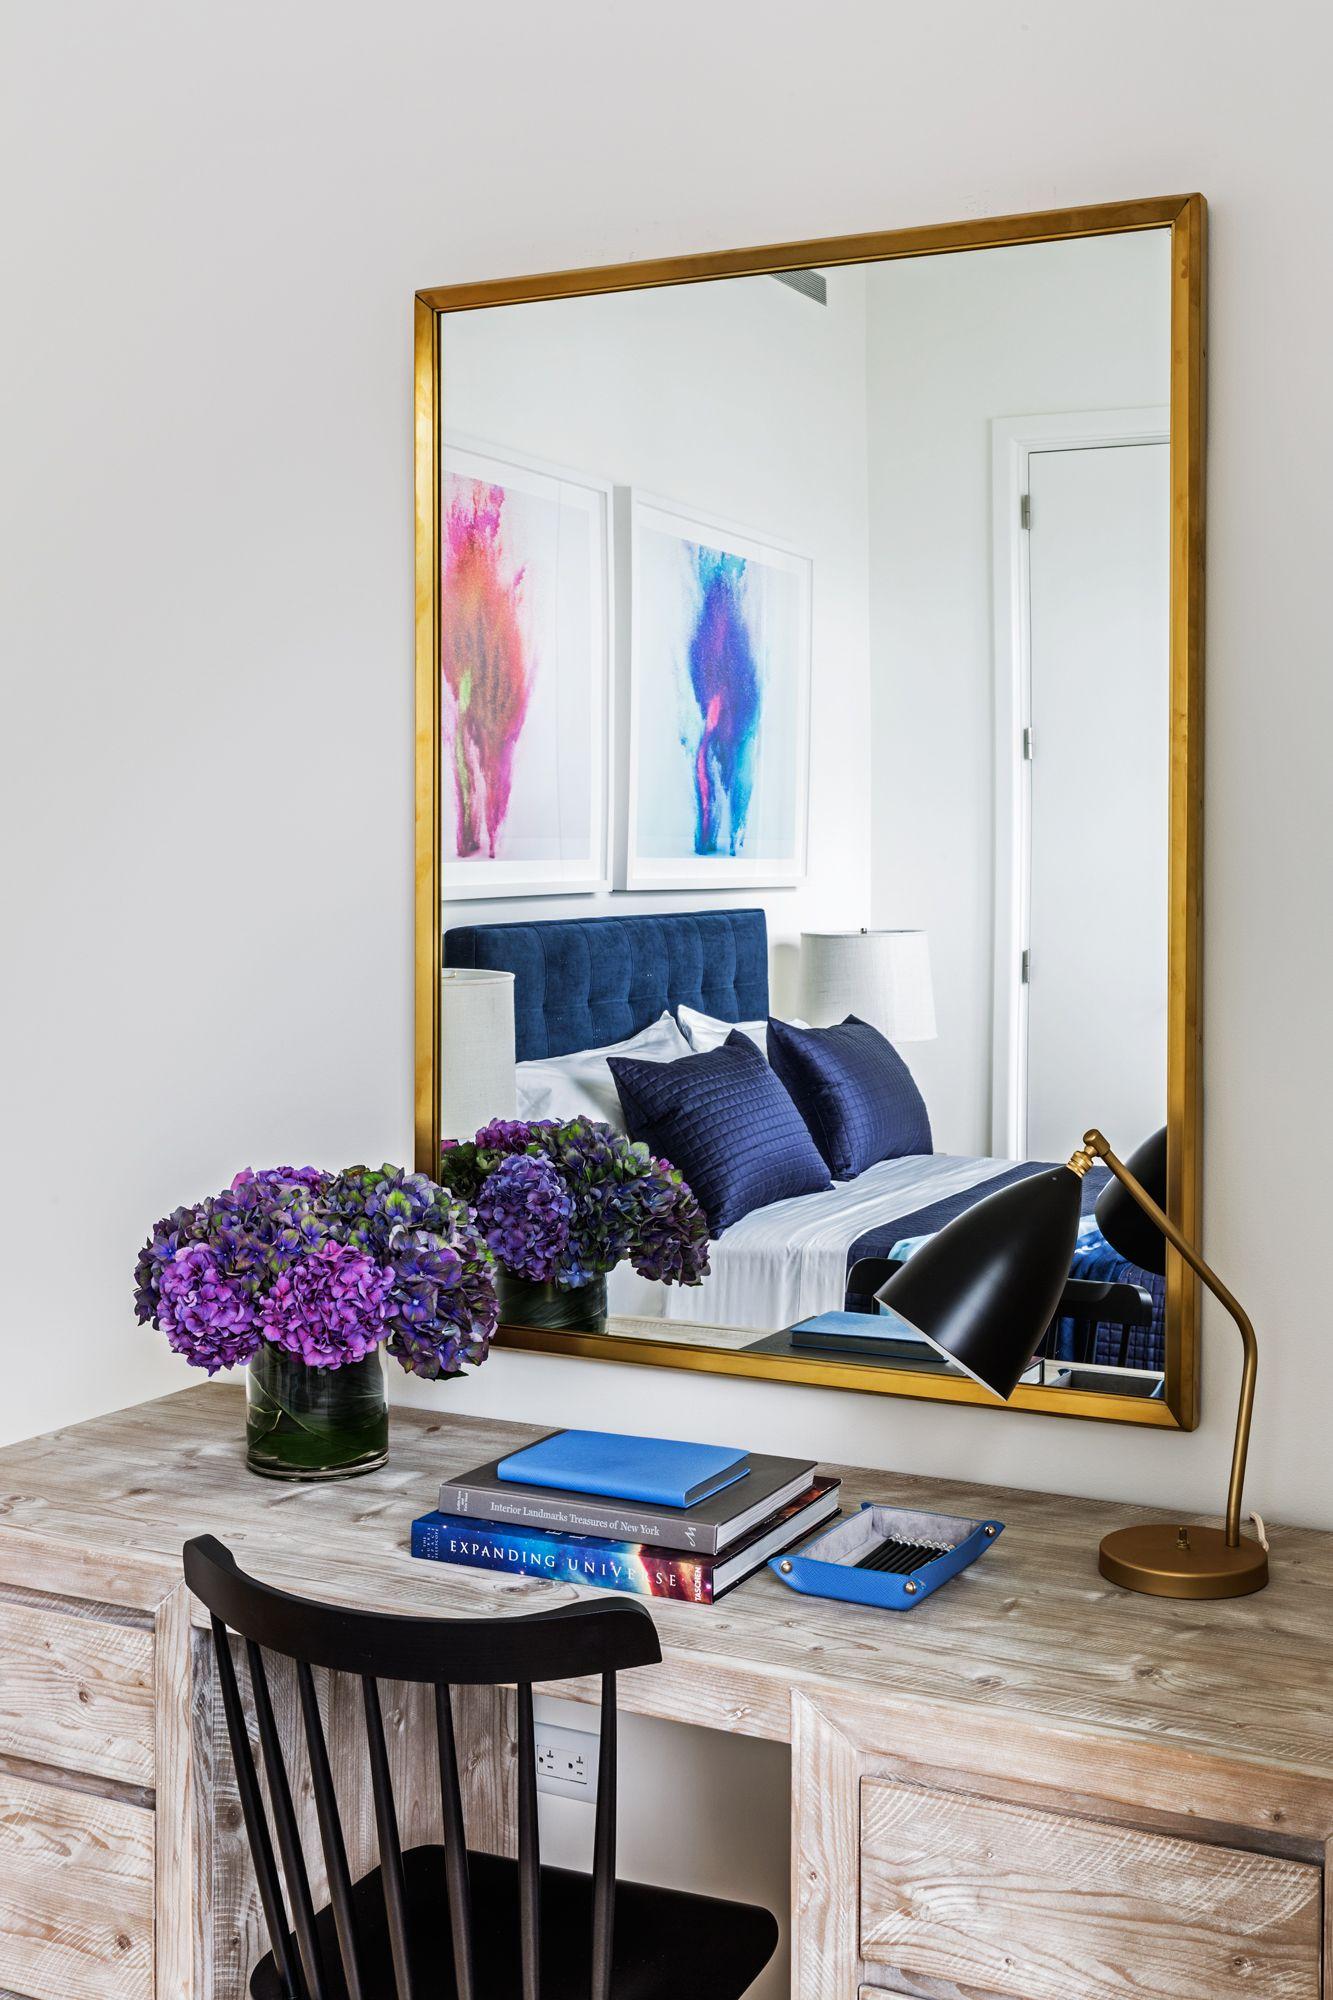 Bennett Leifer Interiors uses Yee Wong's Exploding Powder in their design